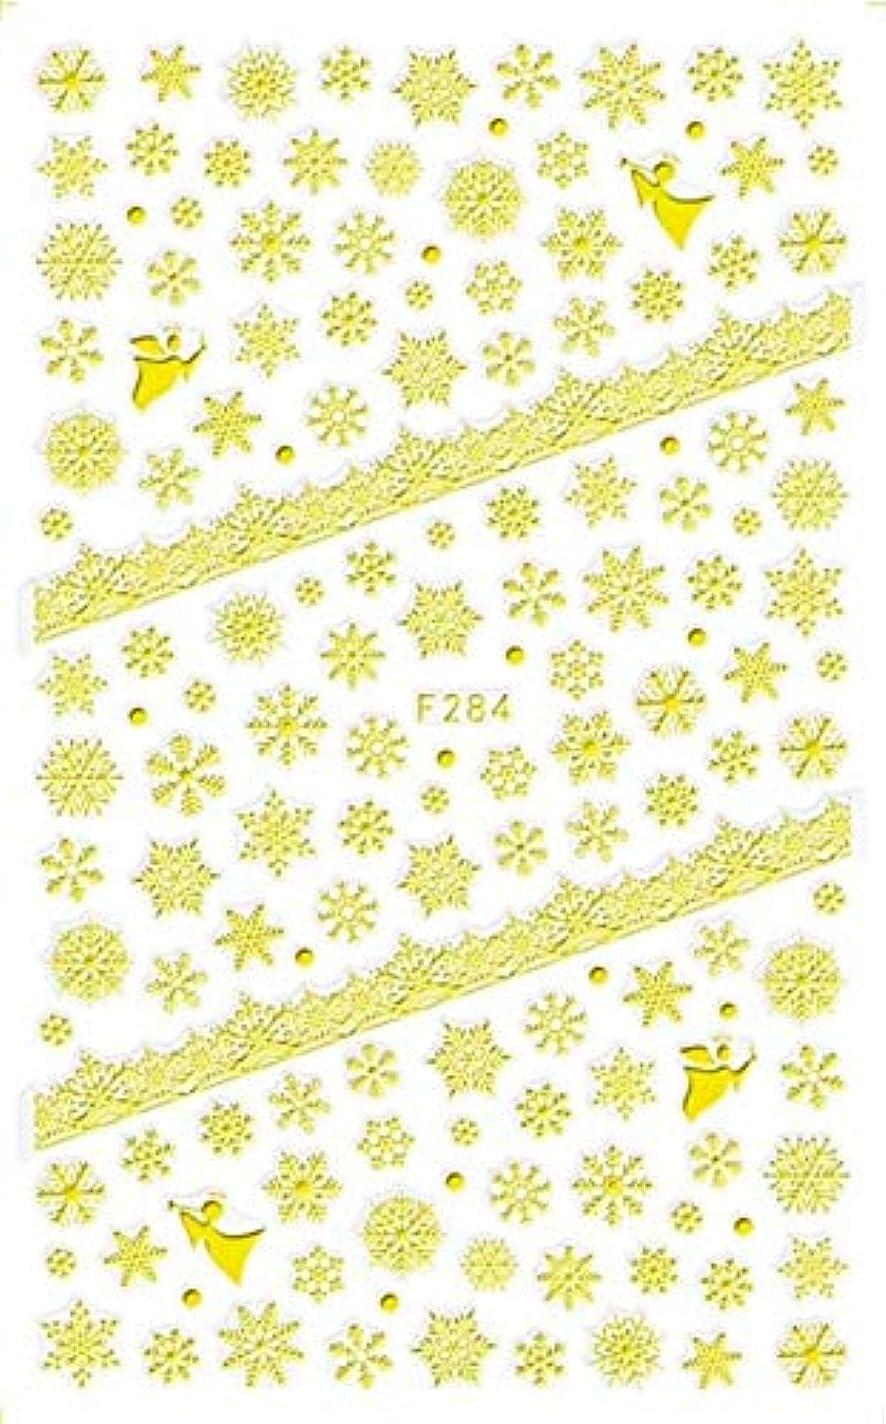 何よりも赤ちゃん十年SUKTI&XIAO ネイルステッカー 1枚の釘のクリスマスの設計3D雪の花の釘のステッカーの青/黒/白/銀/金の付着力の押す釘の装飾、F284金